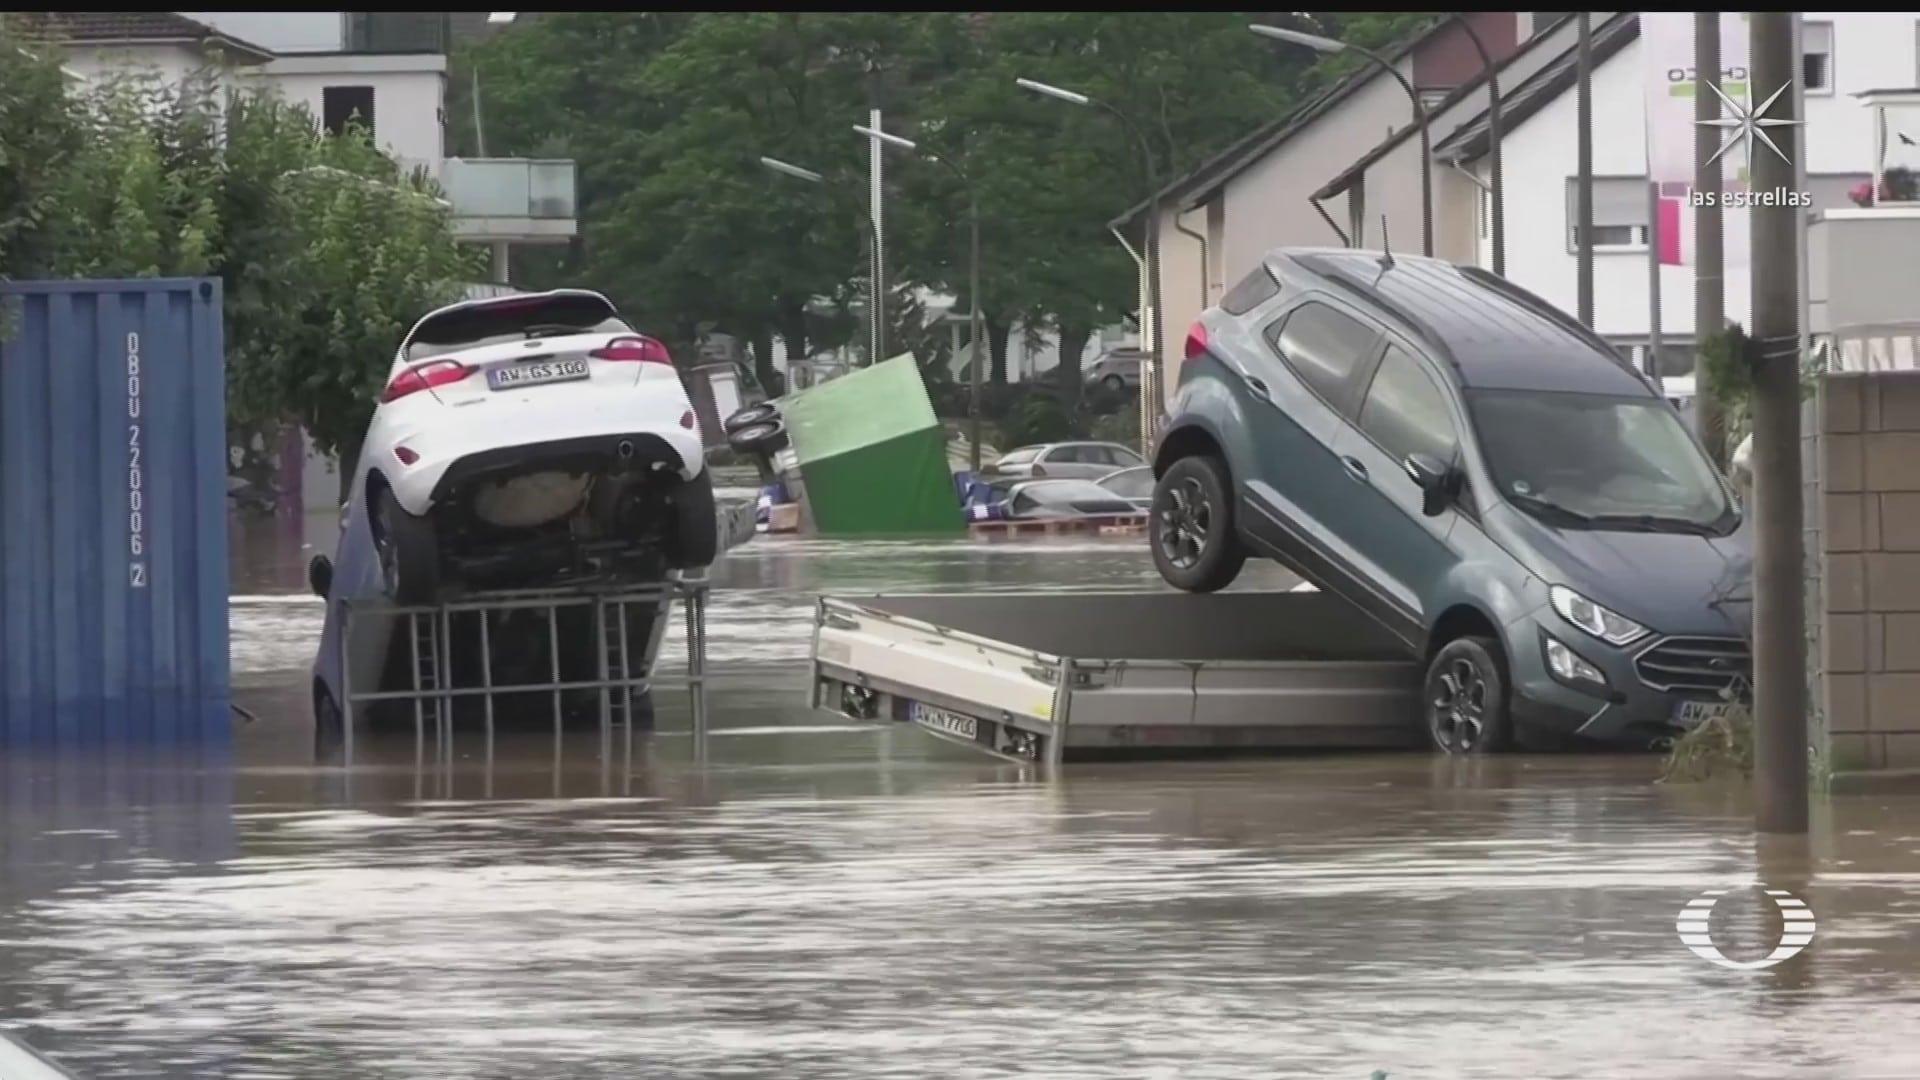 alemania sufre por intensas lluvias